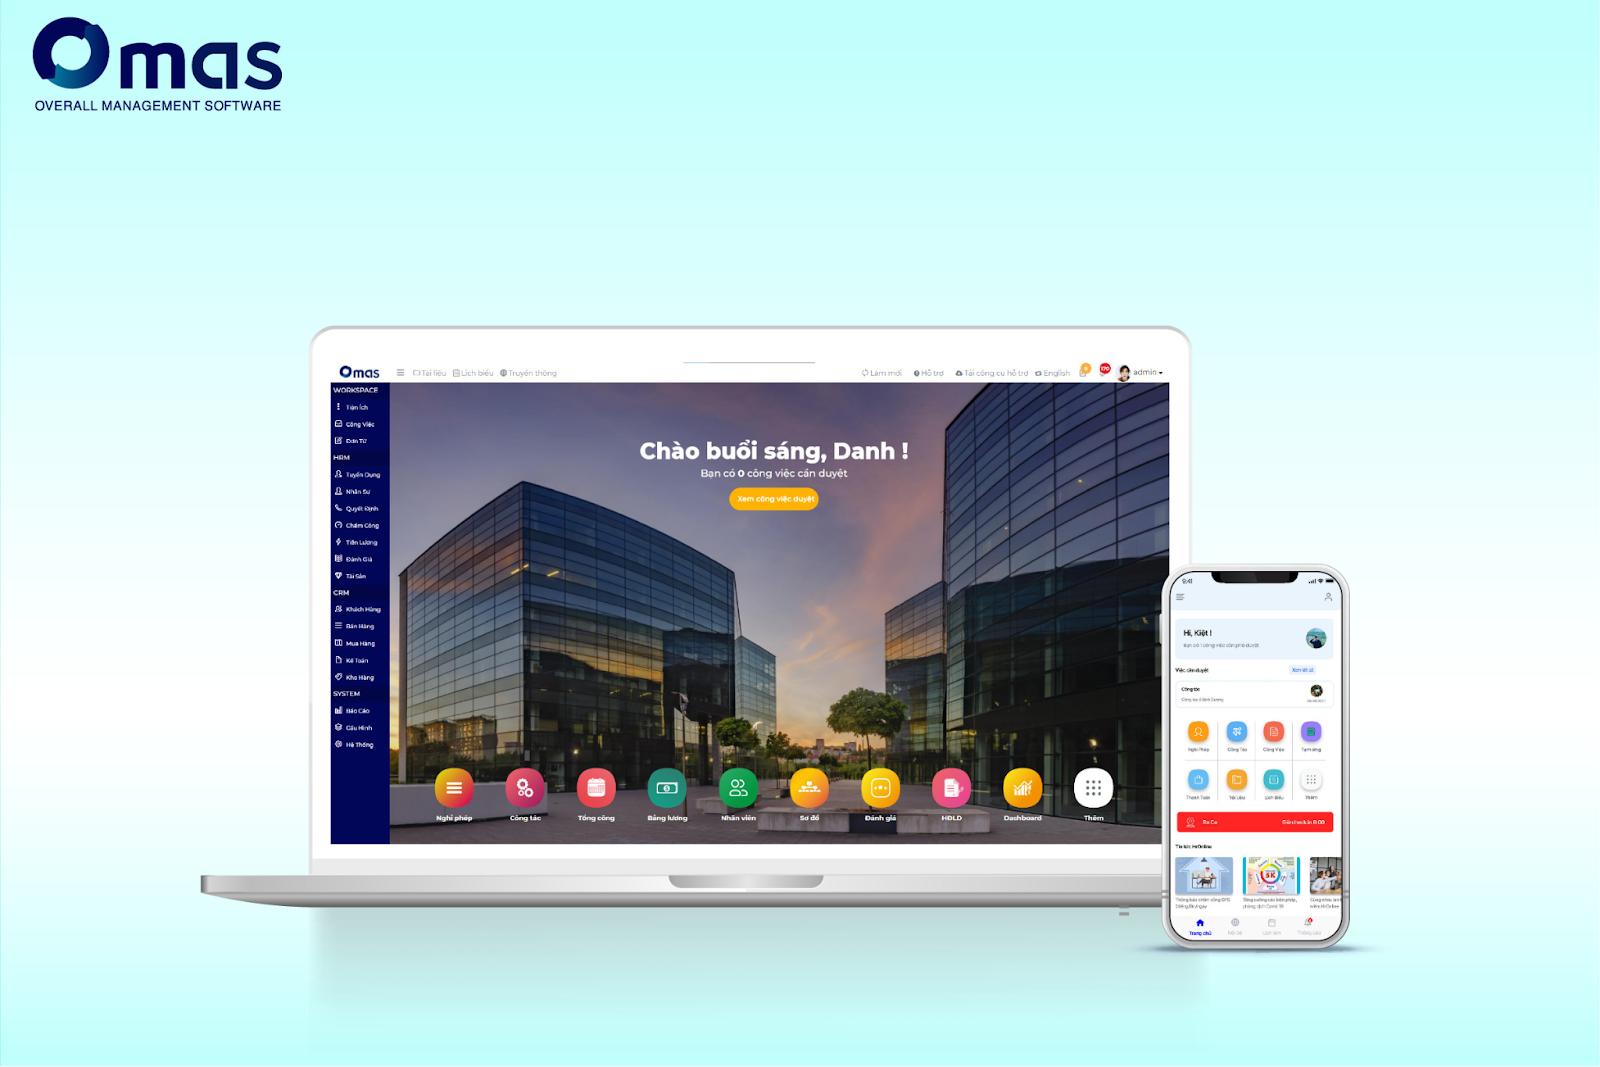 Omas - phần mềm quản lý doanh nghiệp tổng thể